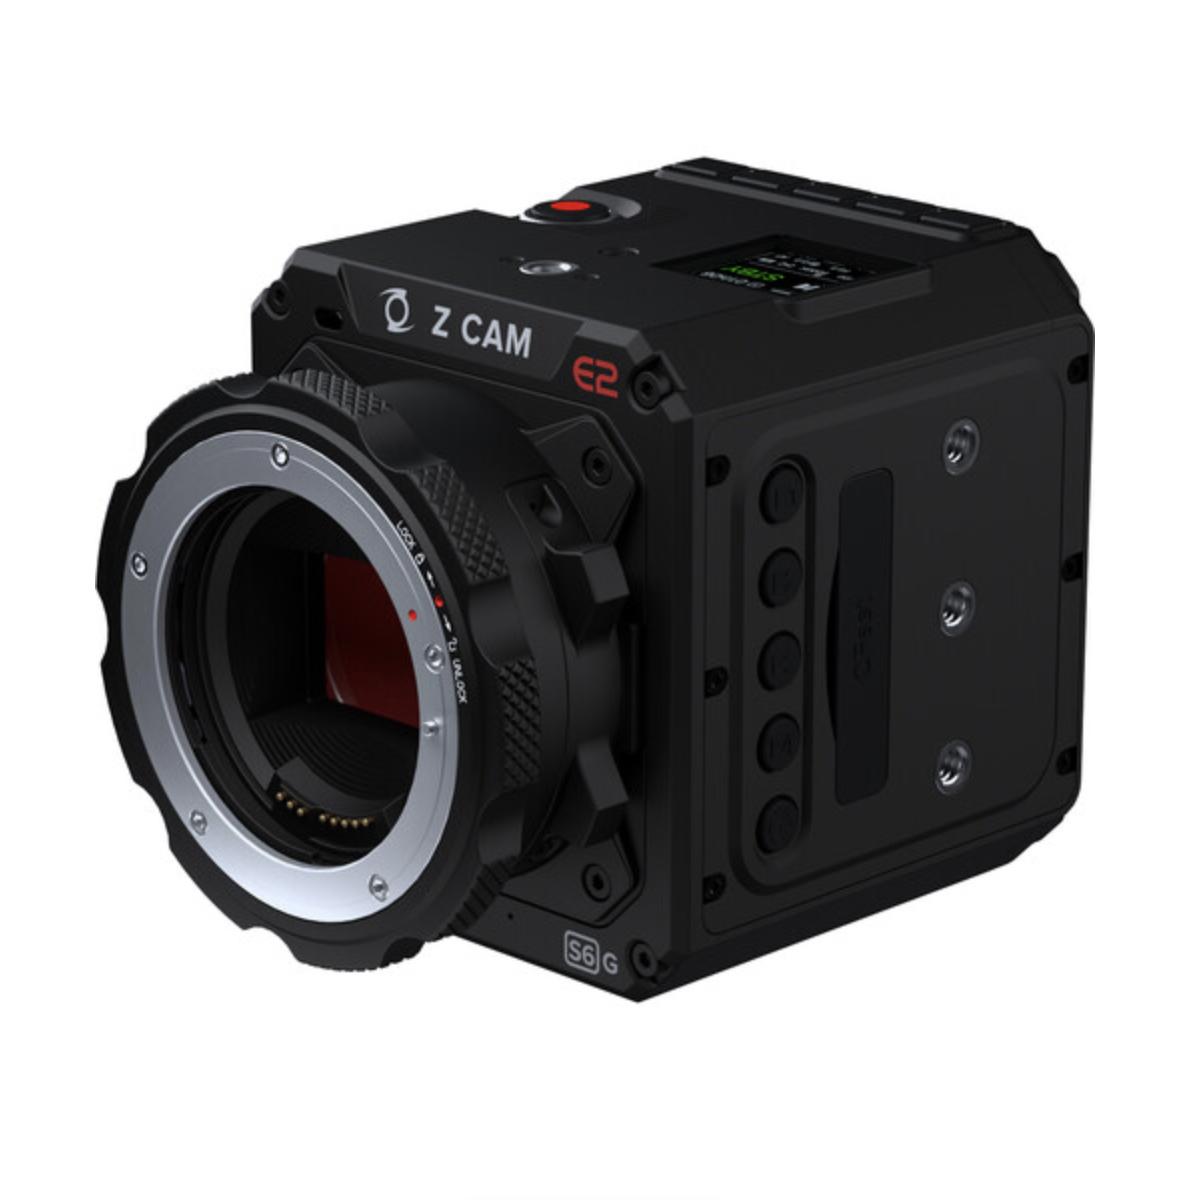 ZCAM E2 S6G Camera 3/4 view